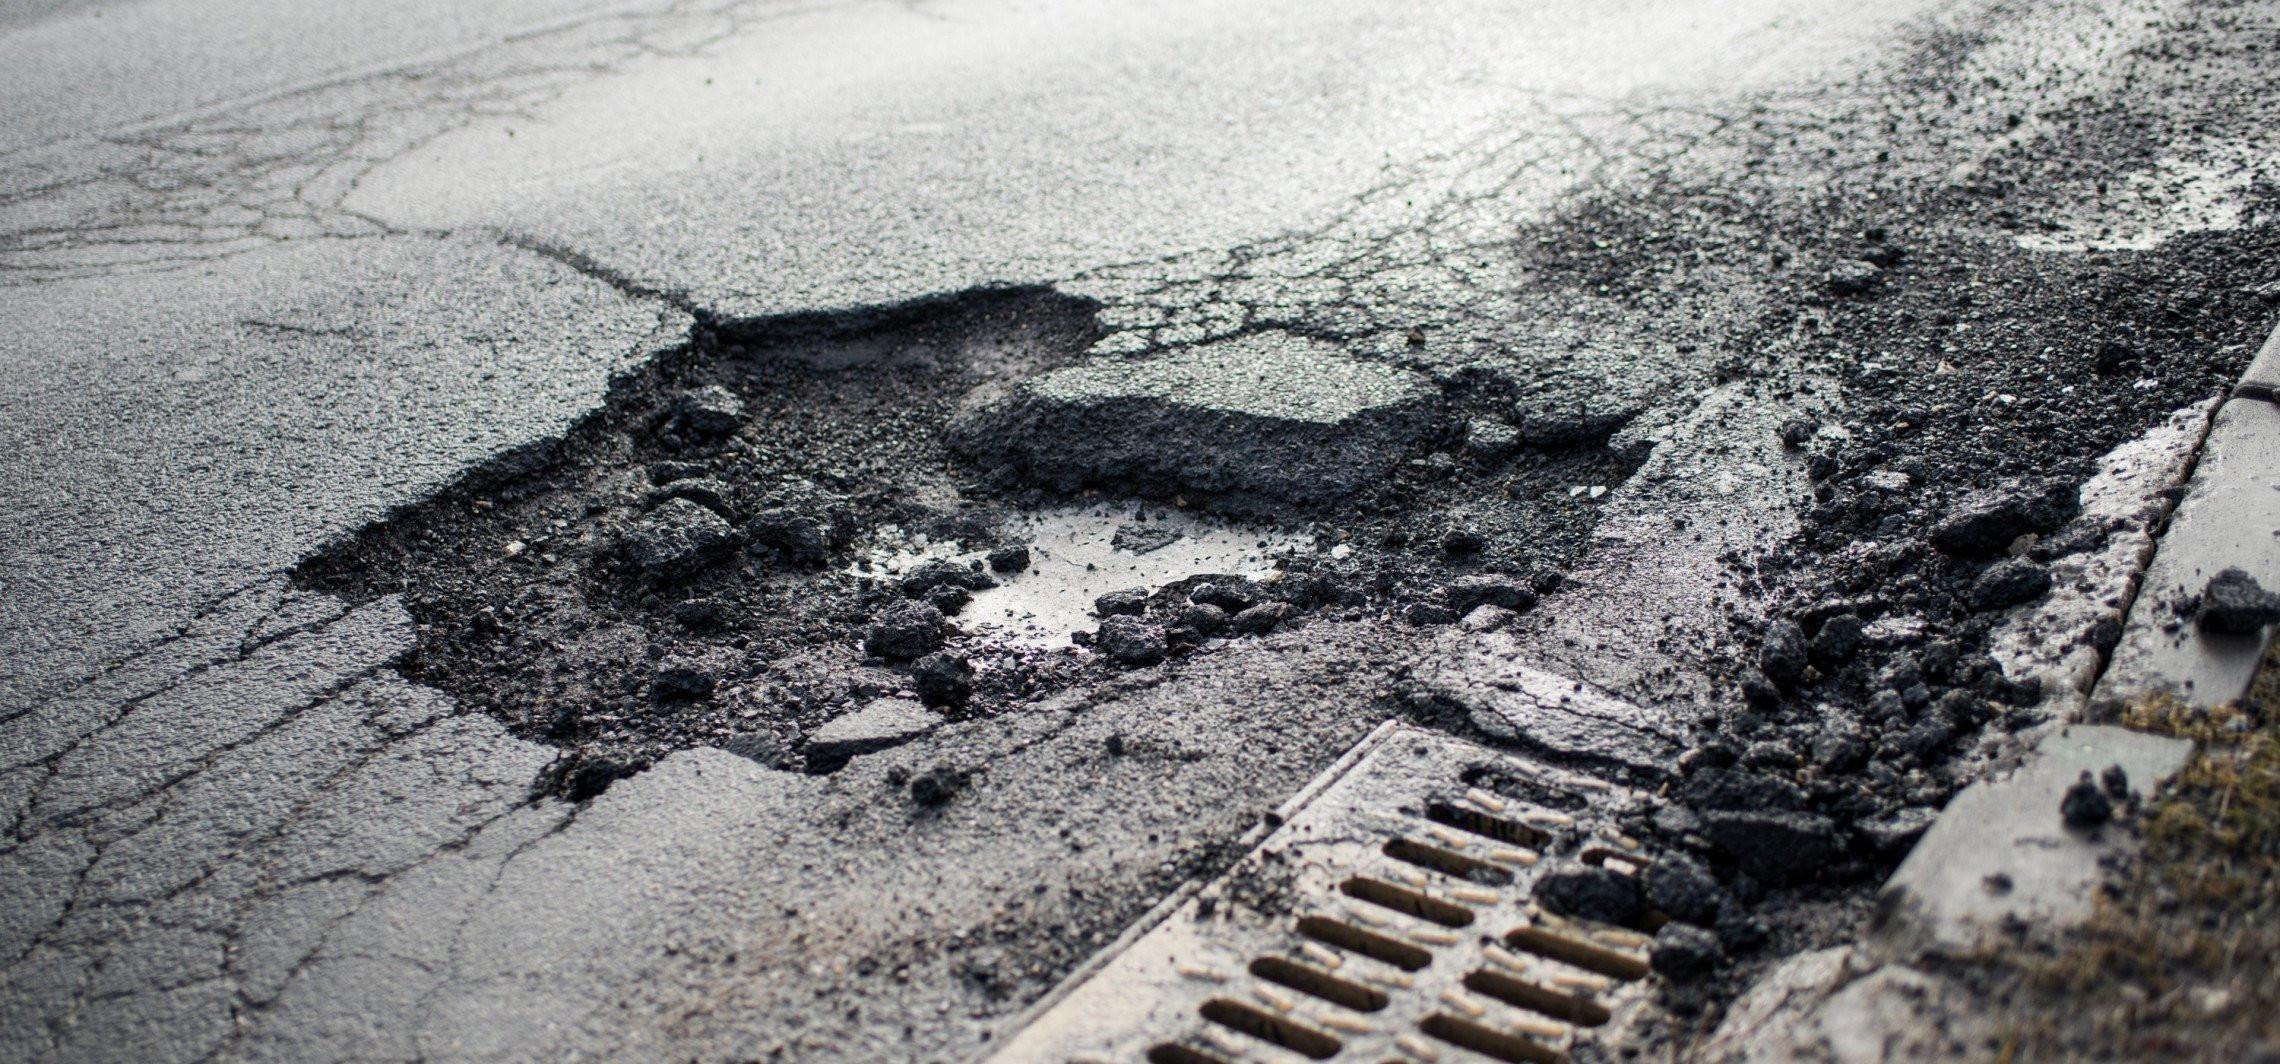 Inowrocław - Kiedy załatają dziury w ulicach?